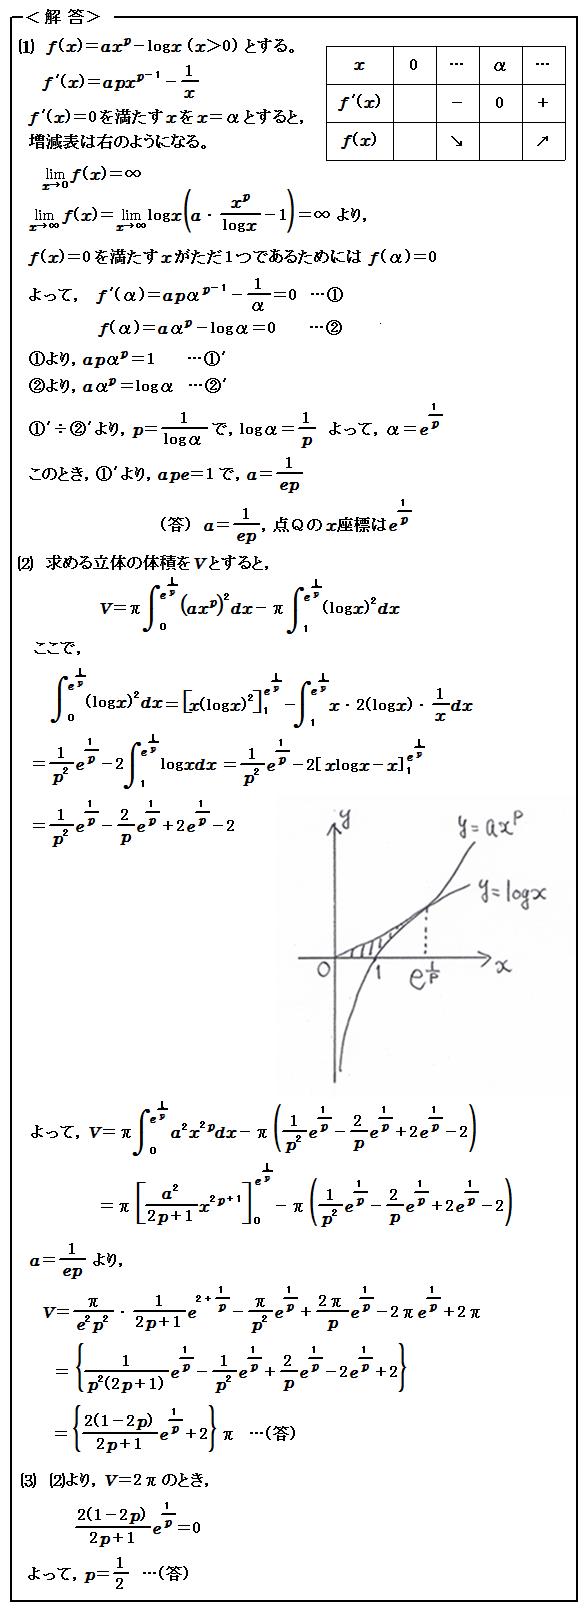 2015 東京大学 理科 第3問 微分積分 解答